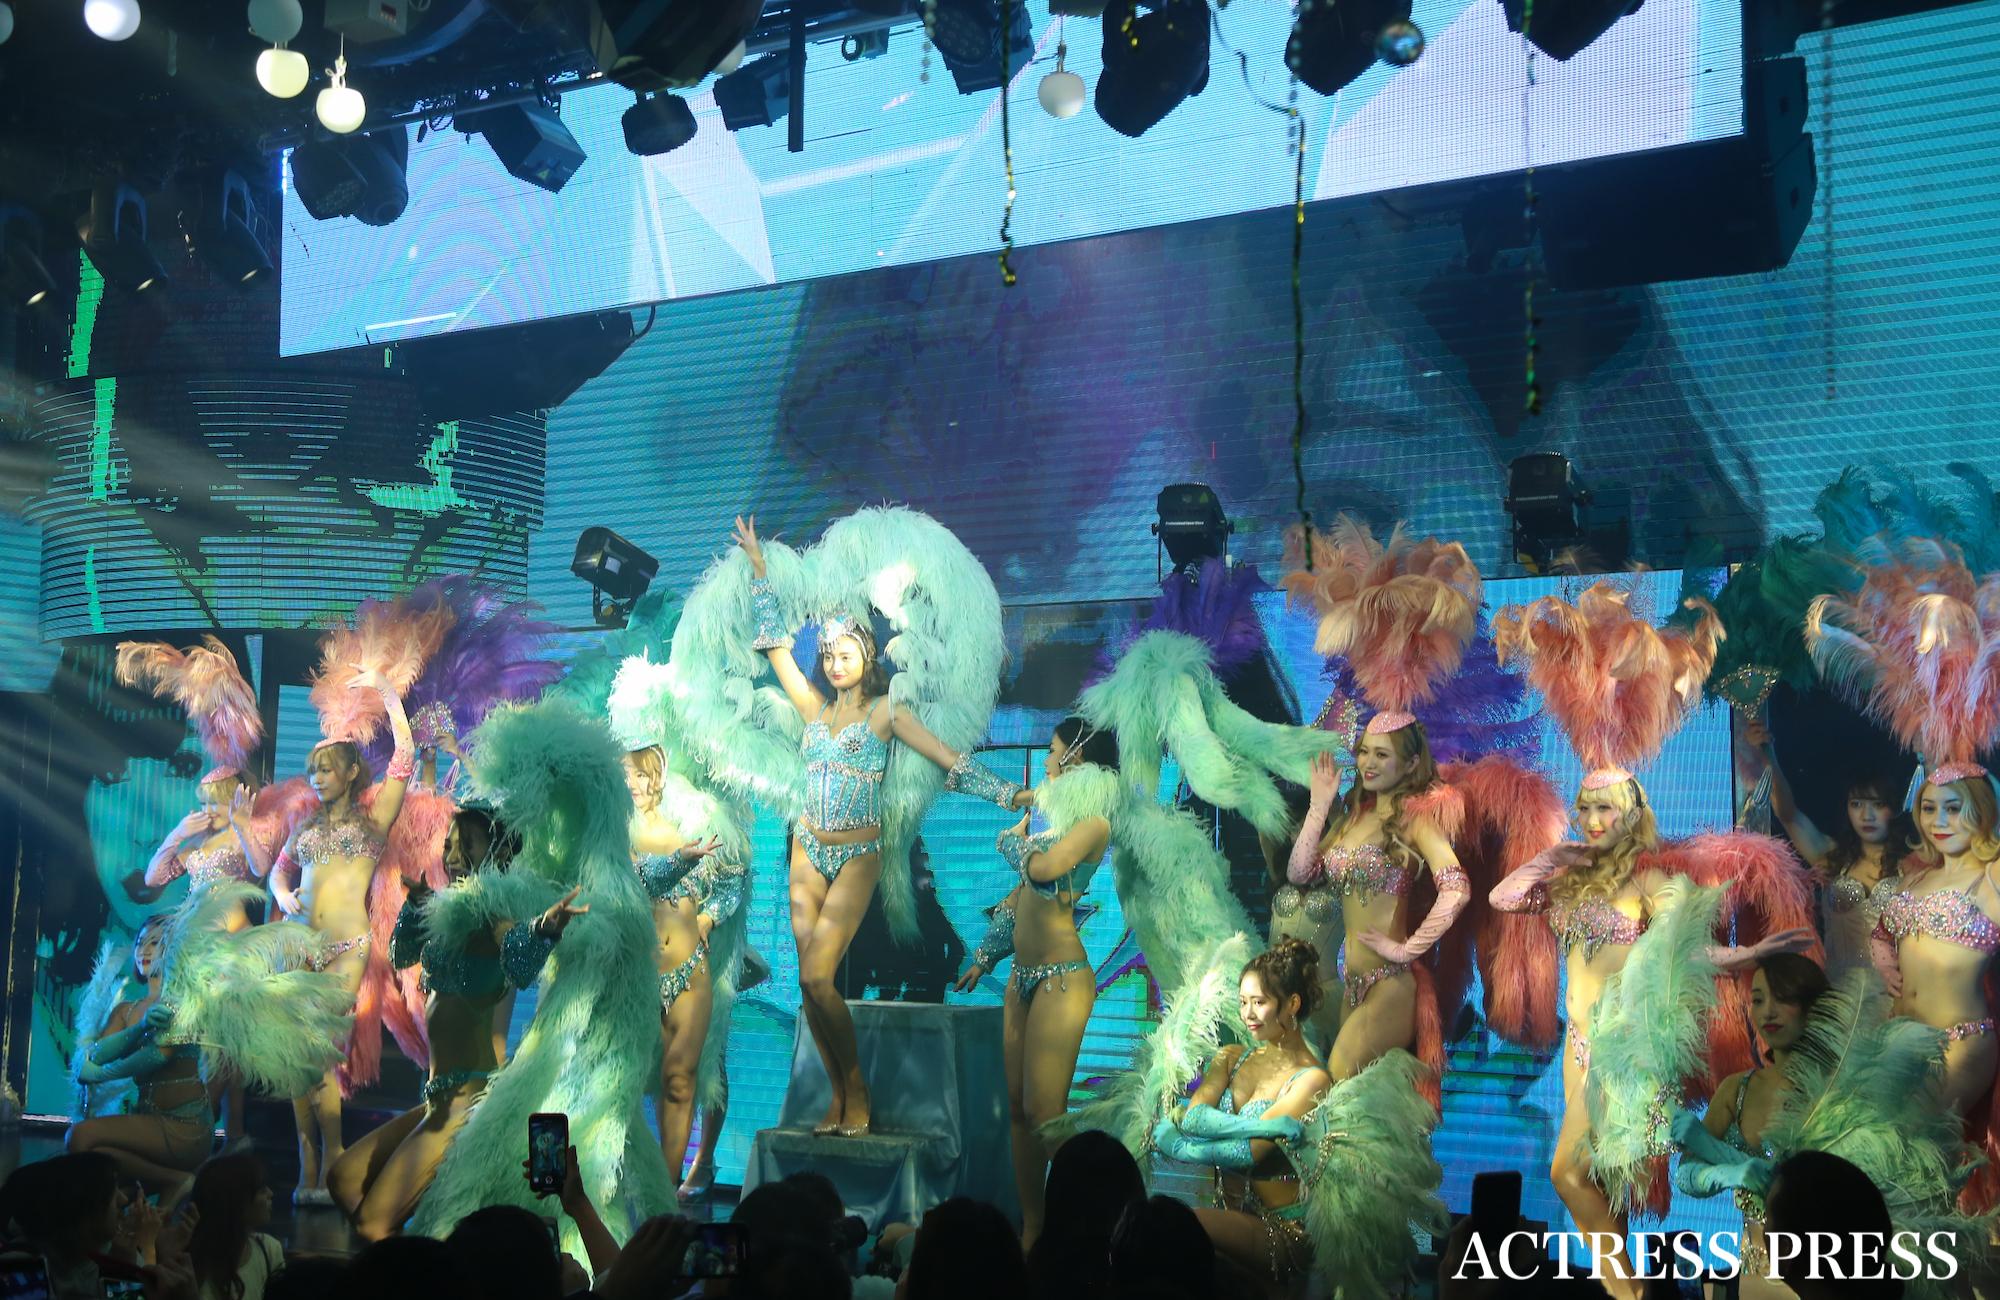 香川沙耶/2019年12月7日、東京・六本木のバーレスク東京にて開催の「香川沙耶バーレスクショー」にて。撮影:ACTRESS PRESS編集部